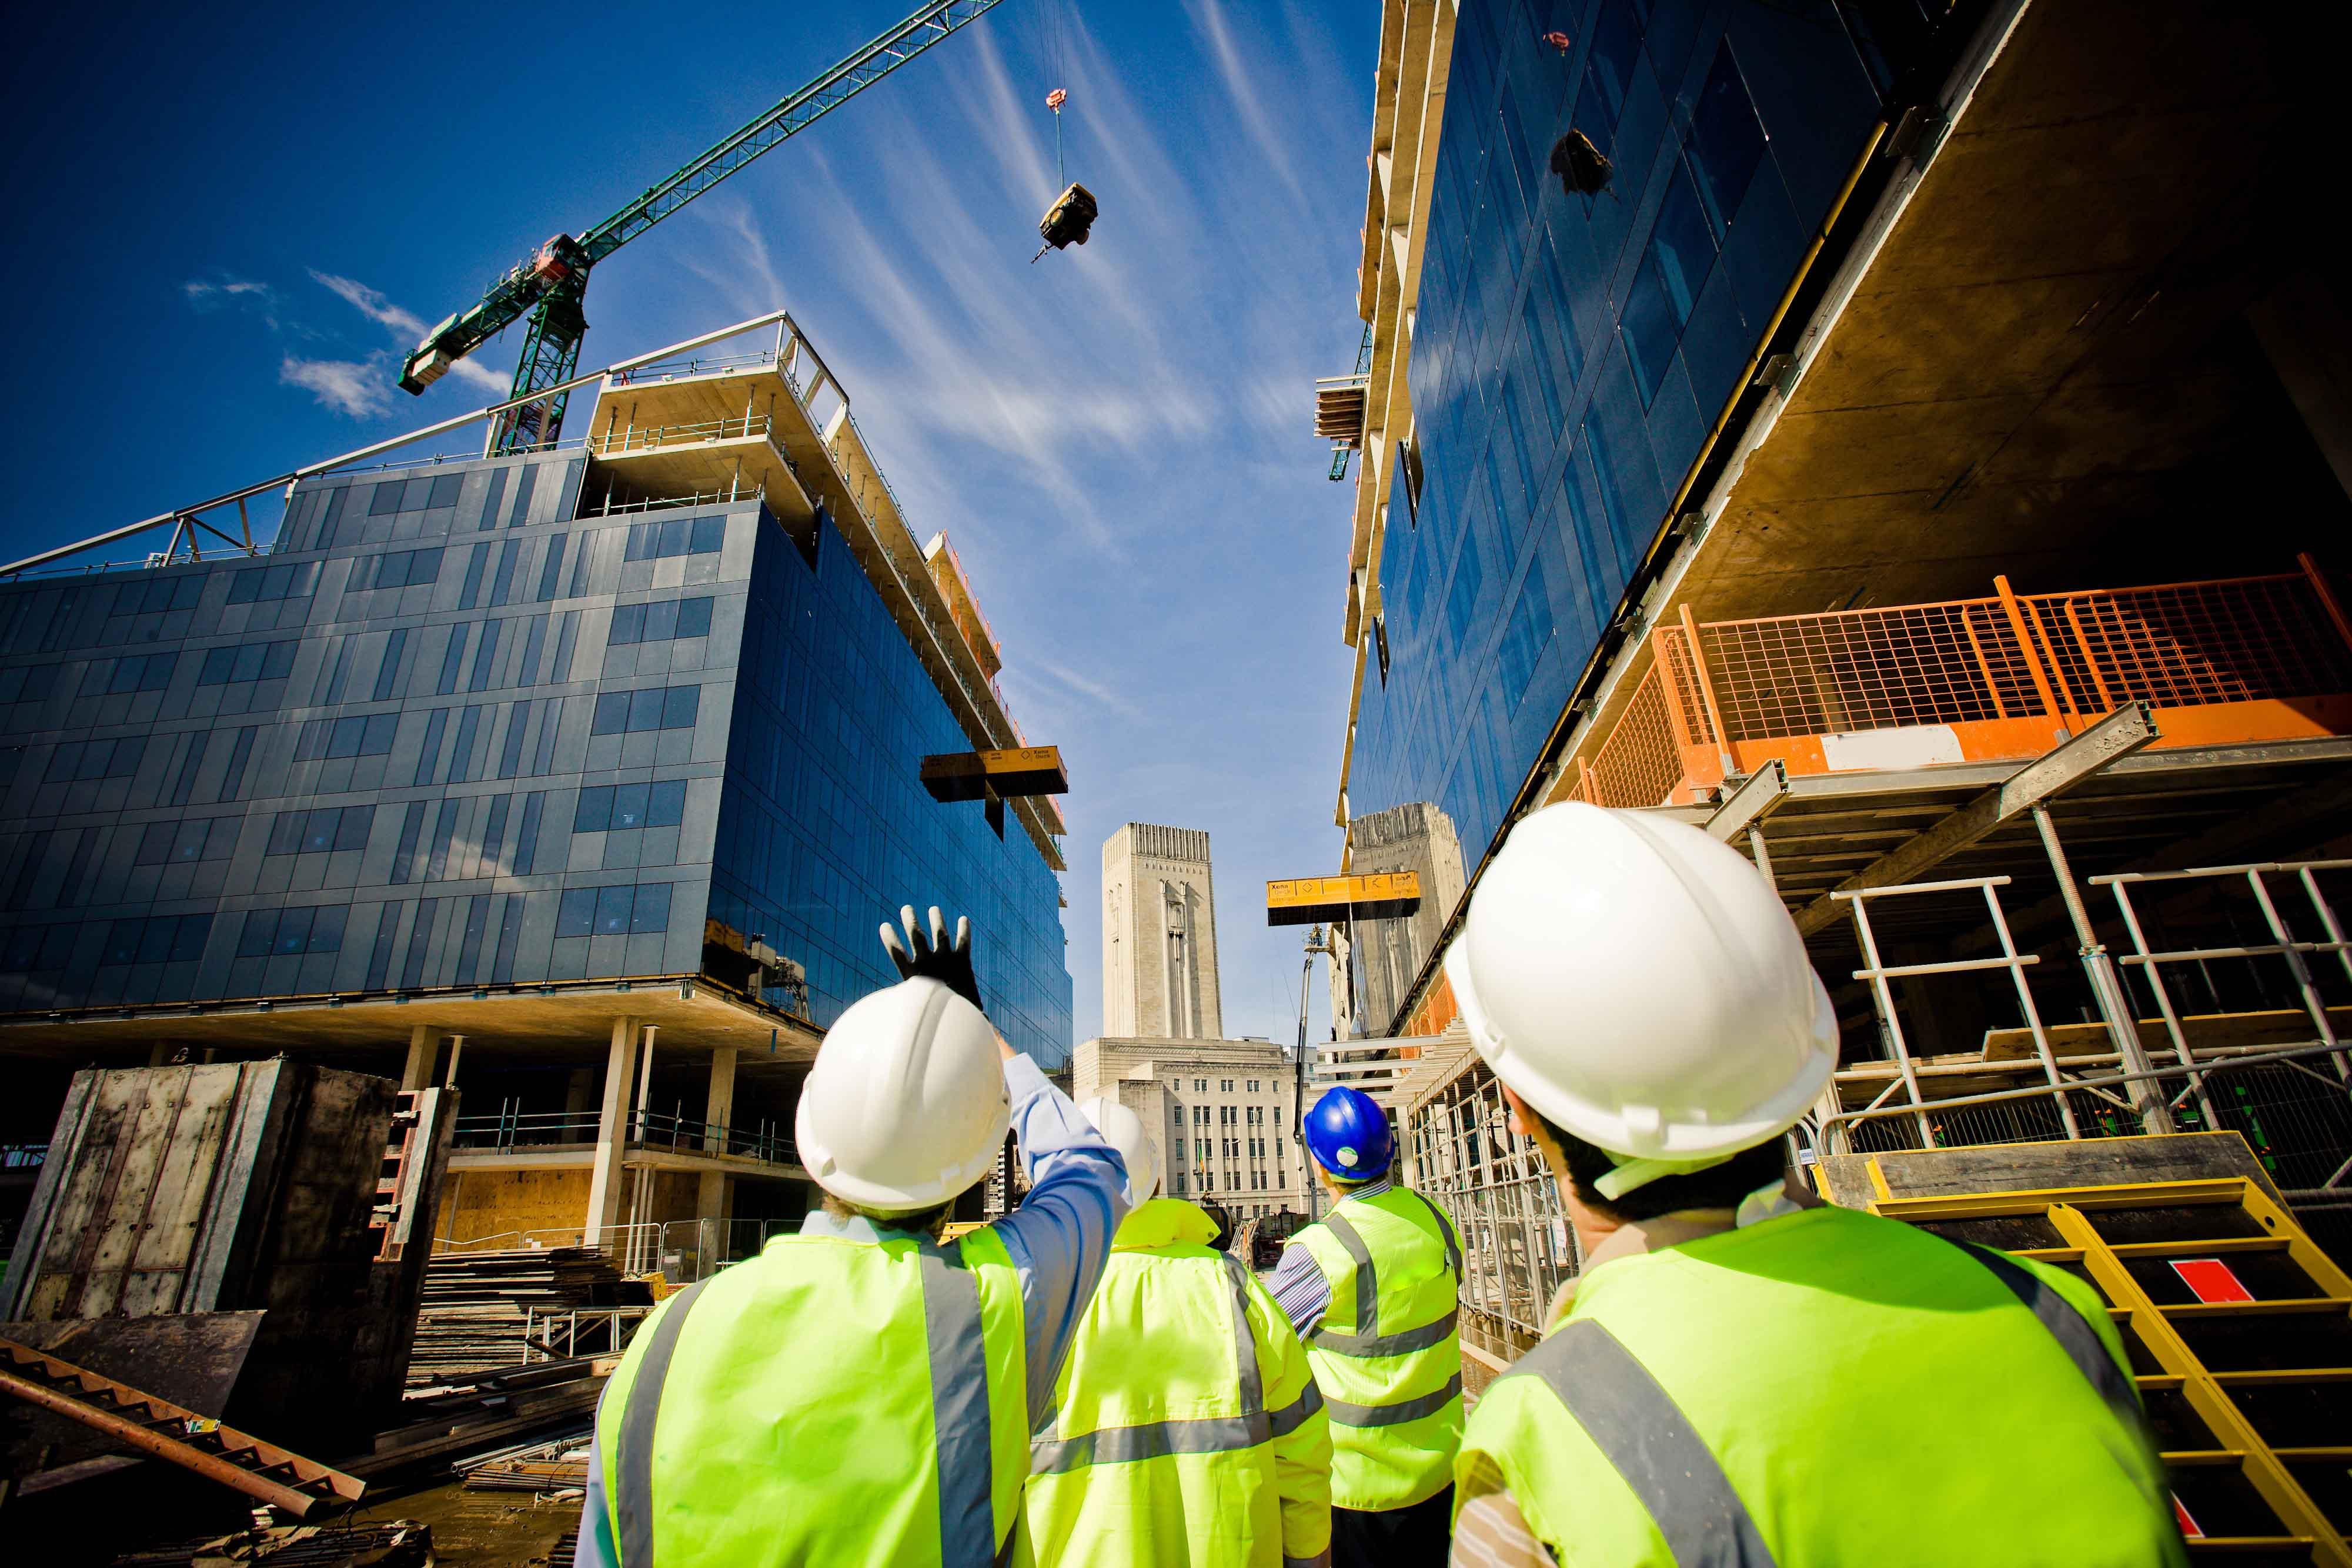 İnşaat sektörü ilk çeyrekte son 4 yılın en yüksek büyüme rakamını elde etti